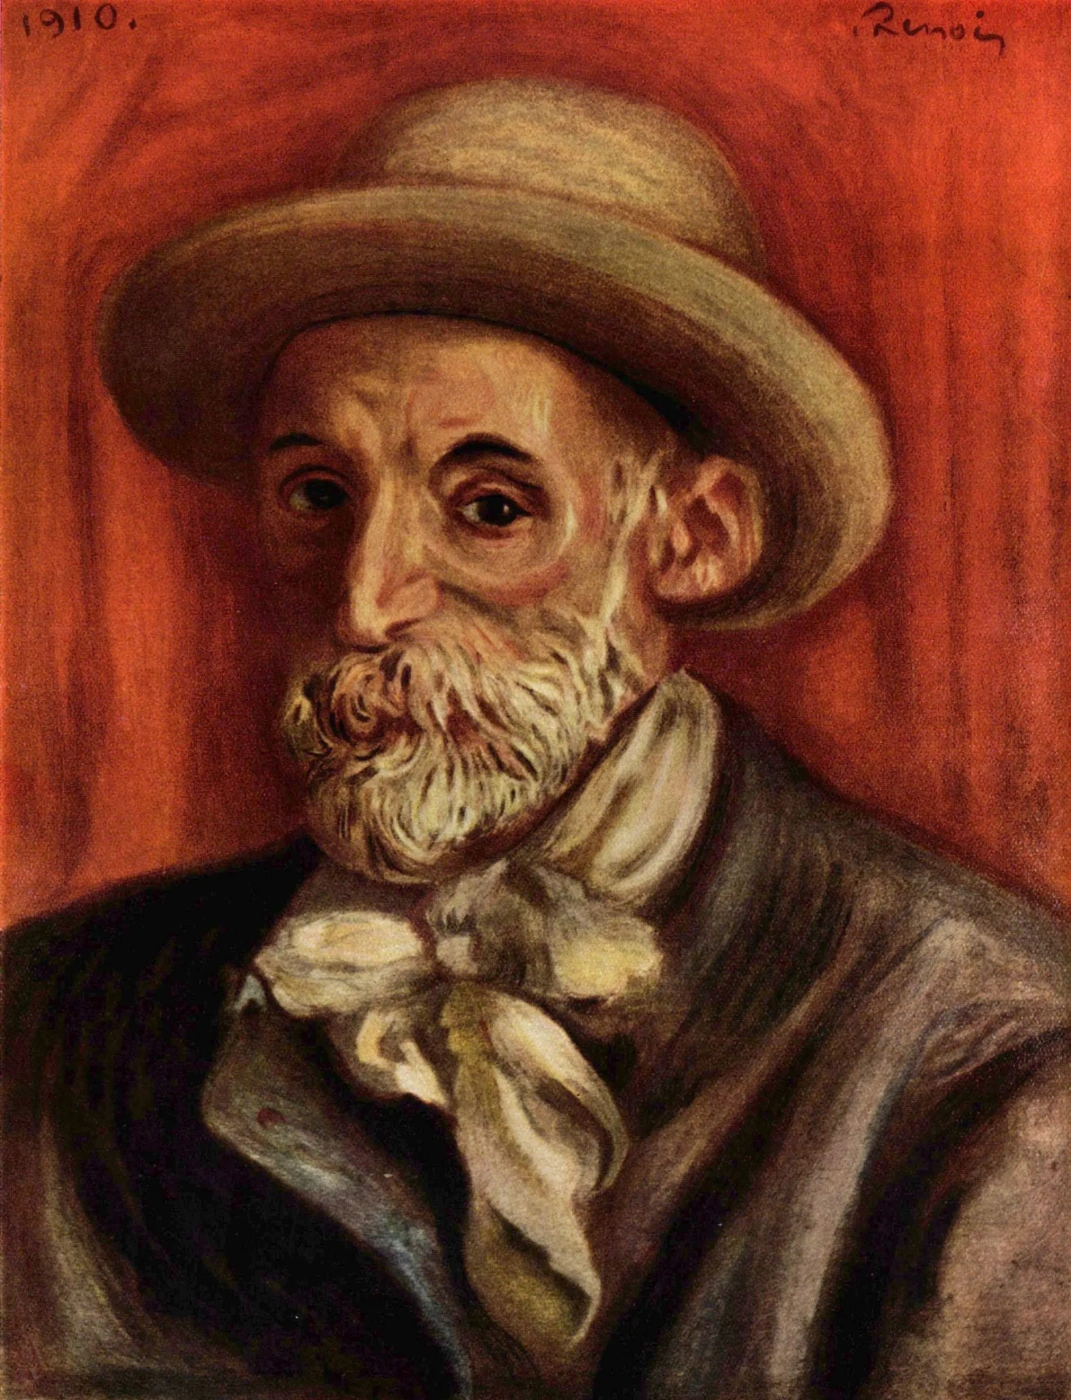 Пьер Огюст Ренуар — «Автопортрет» 1910г. частная коллекция.